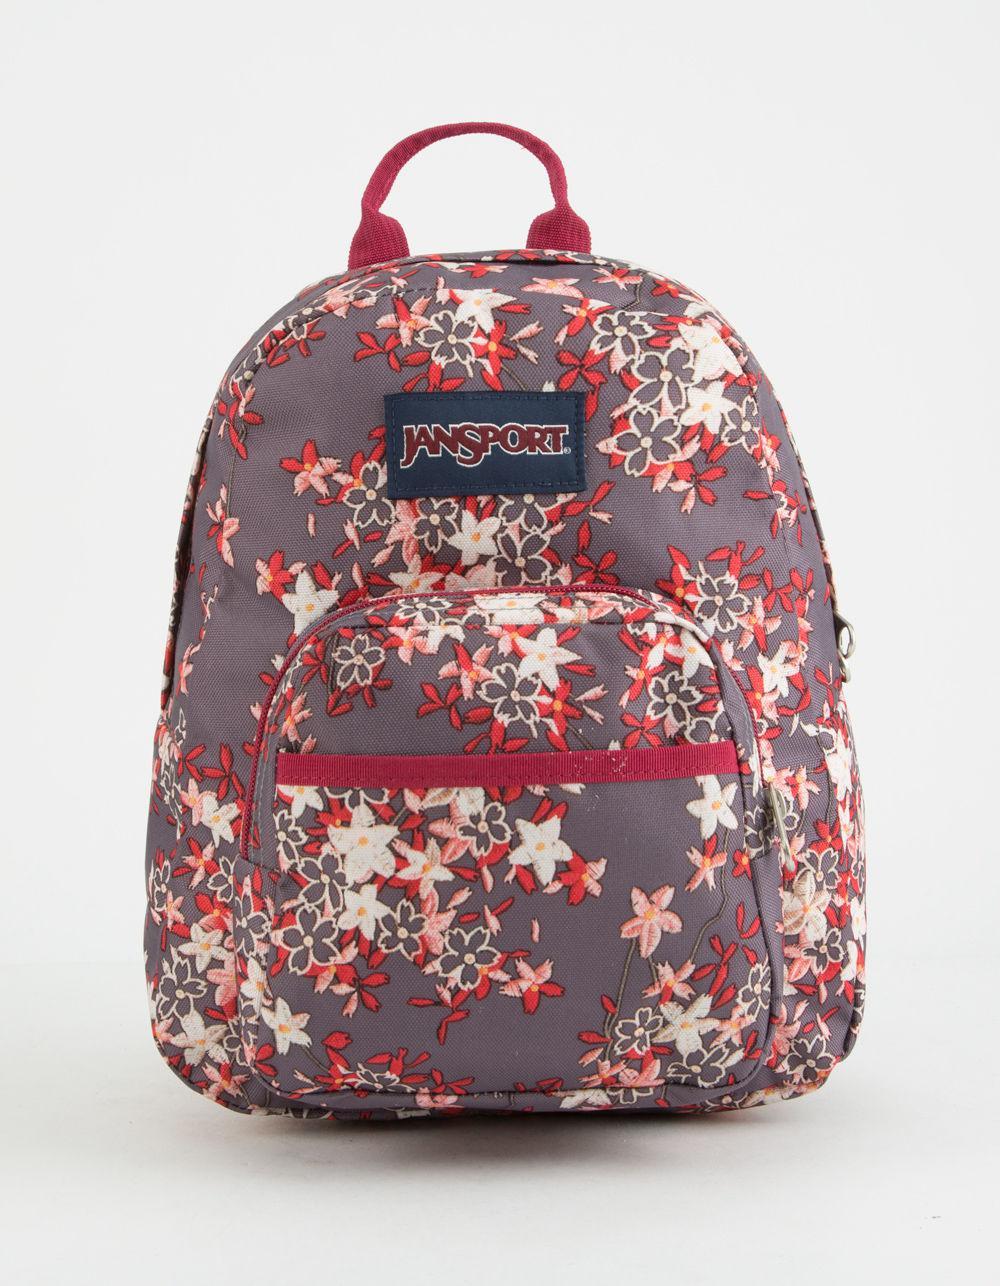 Jansport Half Pint FX Mini Backpacks - Yucatan Floral 4QMjq